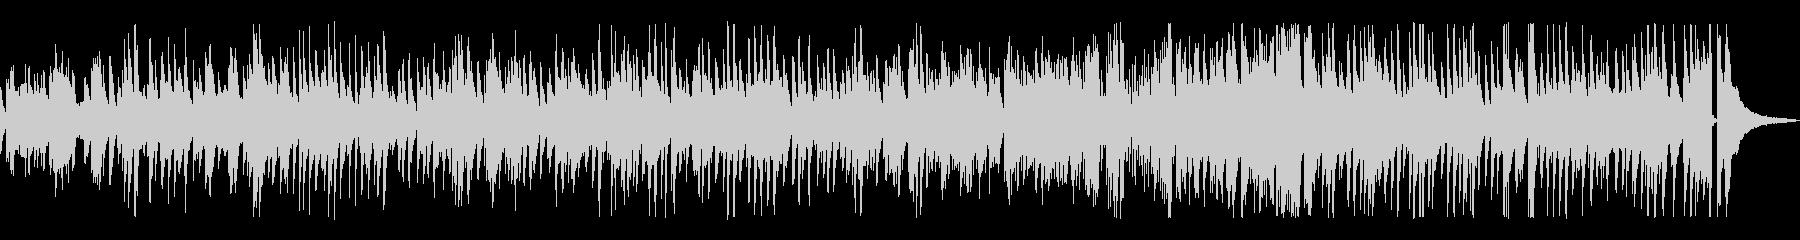 ゆっくりめのジャズ風ラウンジピアノの未再生の波形